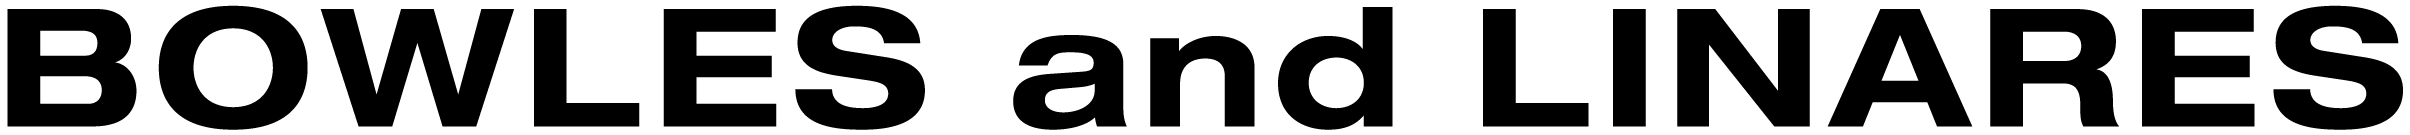 BaL-logo